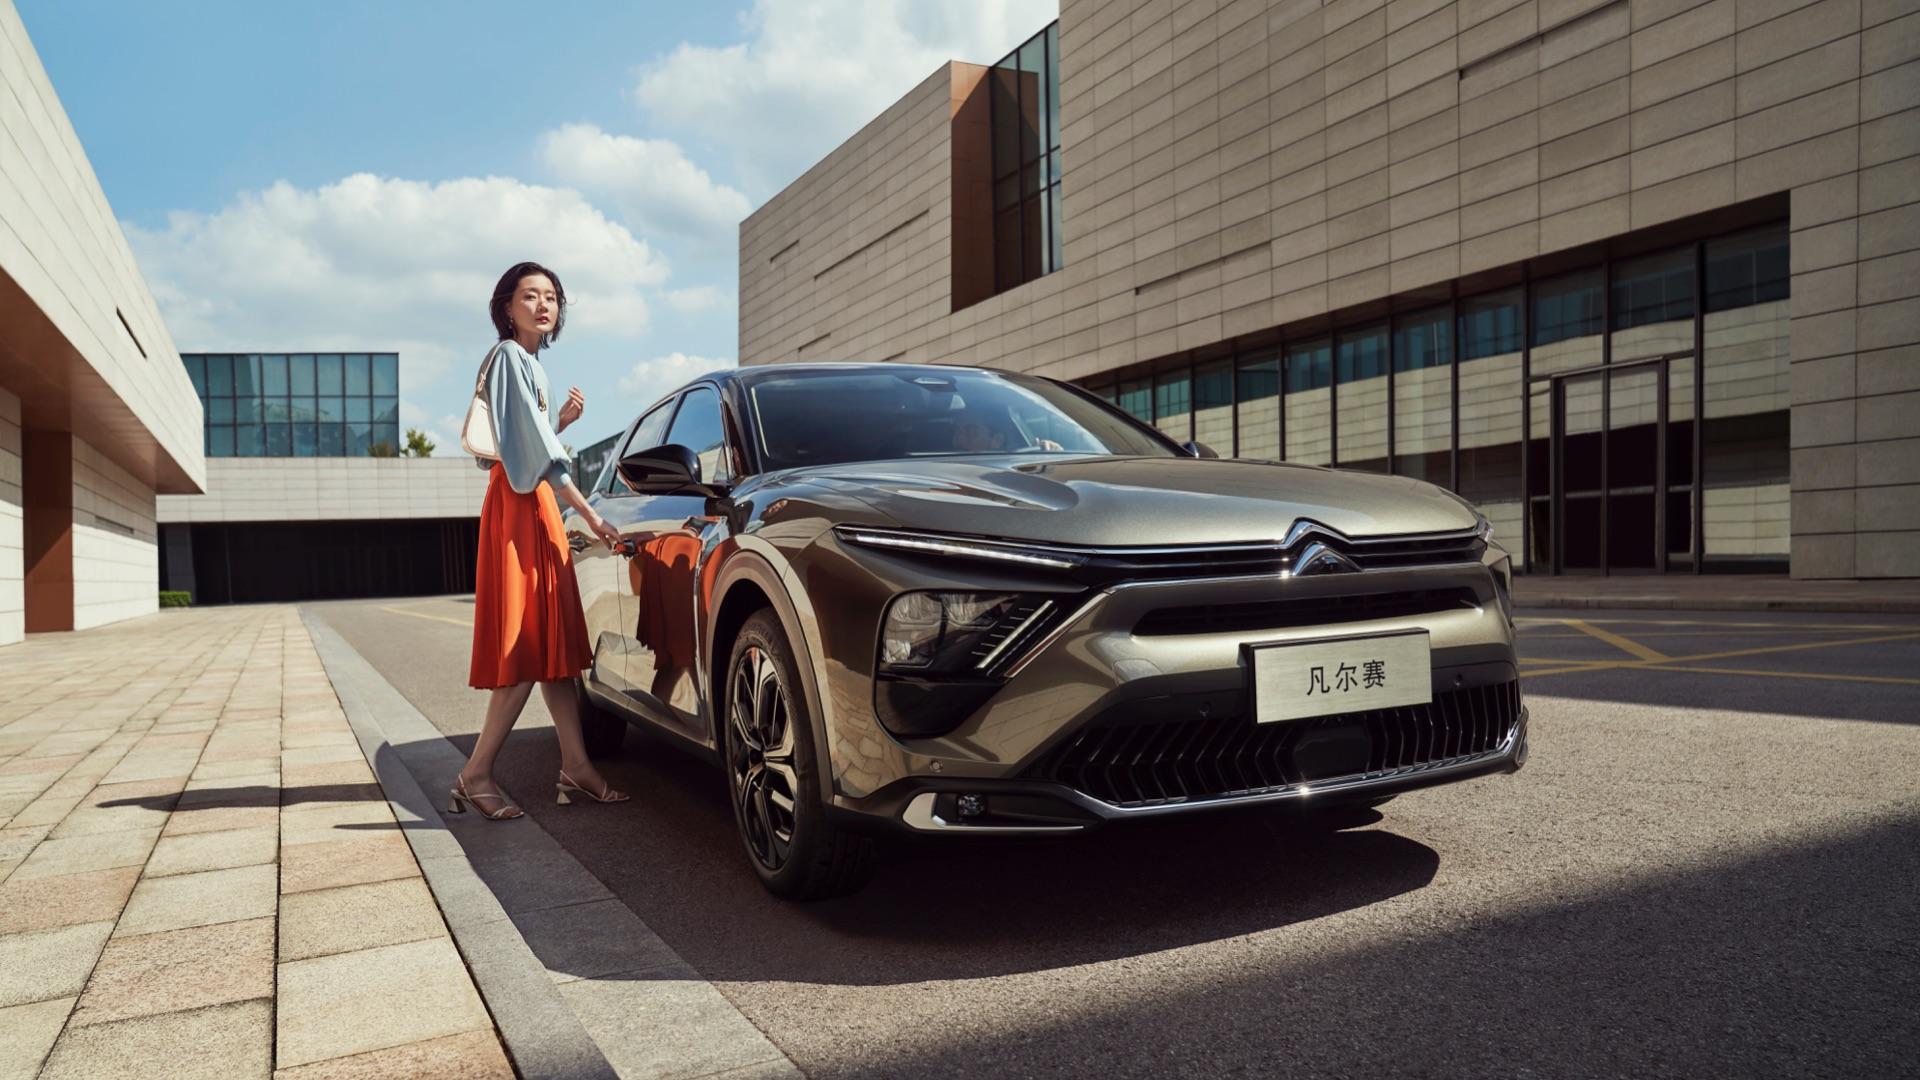 法系品牌在华翻身之作,东风雪铁龙凡尔赛C5 X上市售14.37万元起